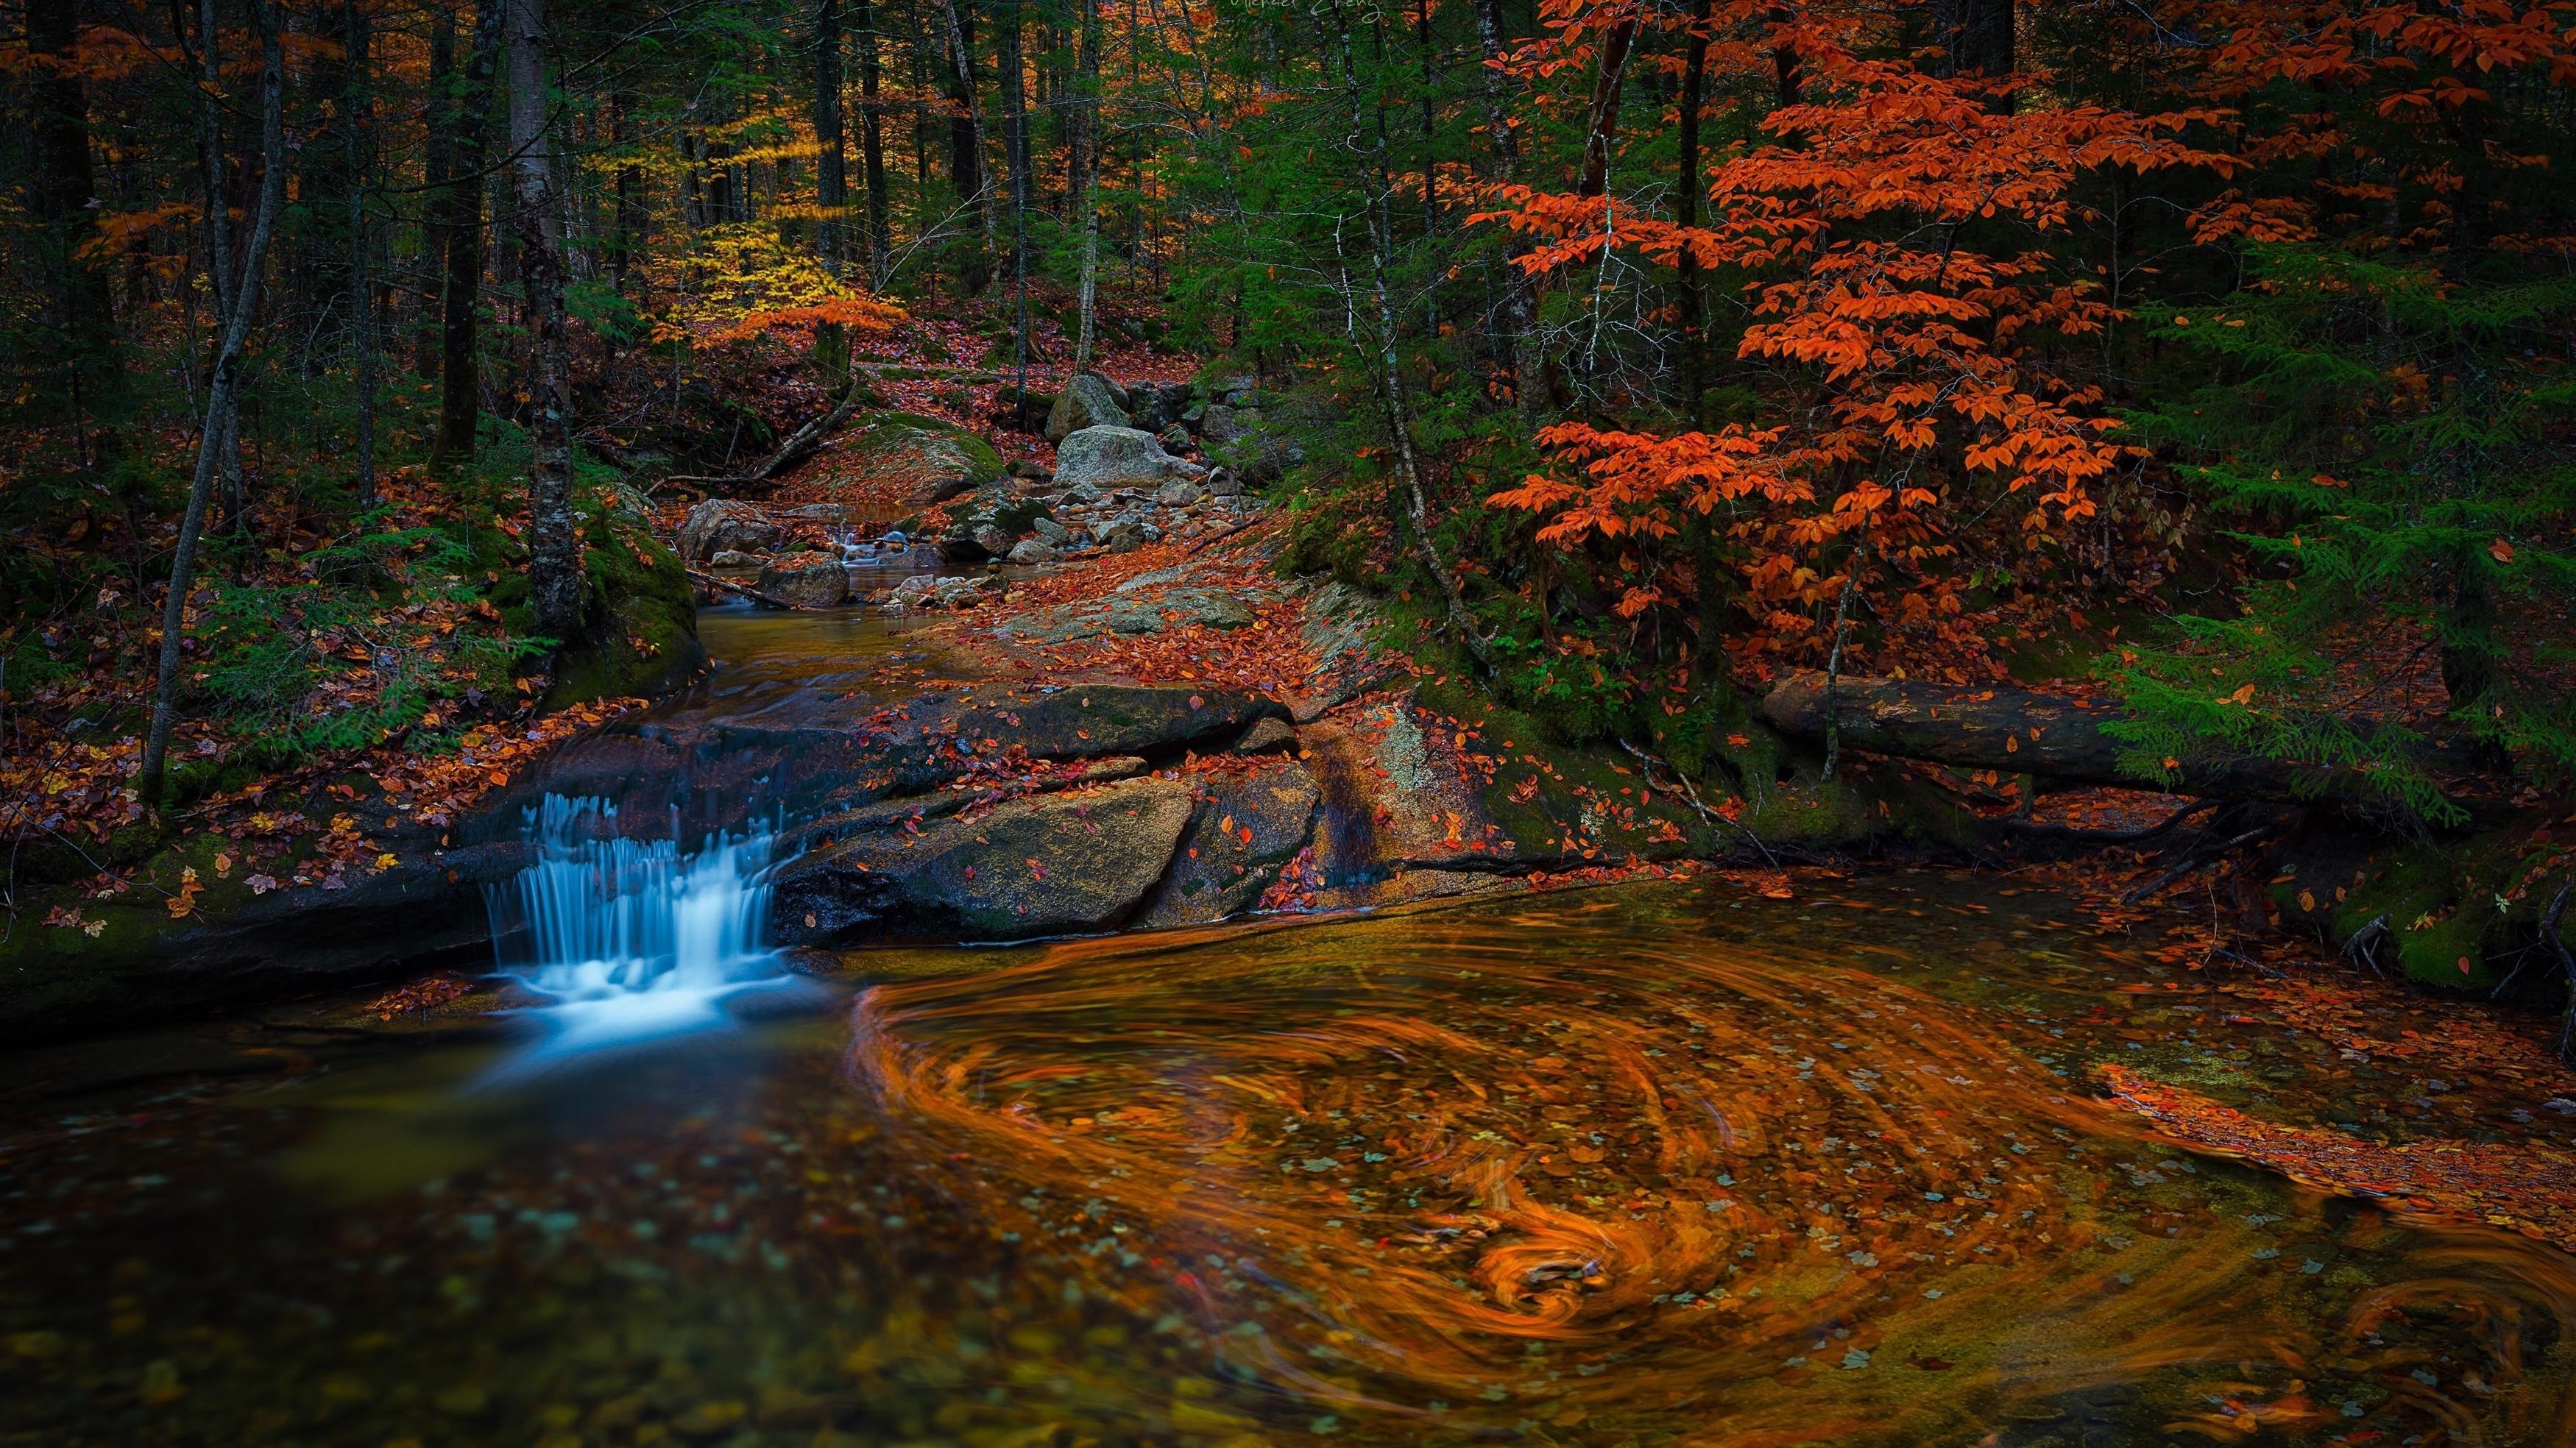 Водный поток в лесу с листвой деревьев природа обои скачать